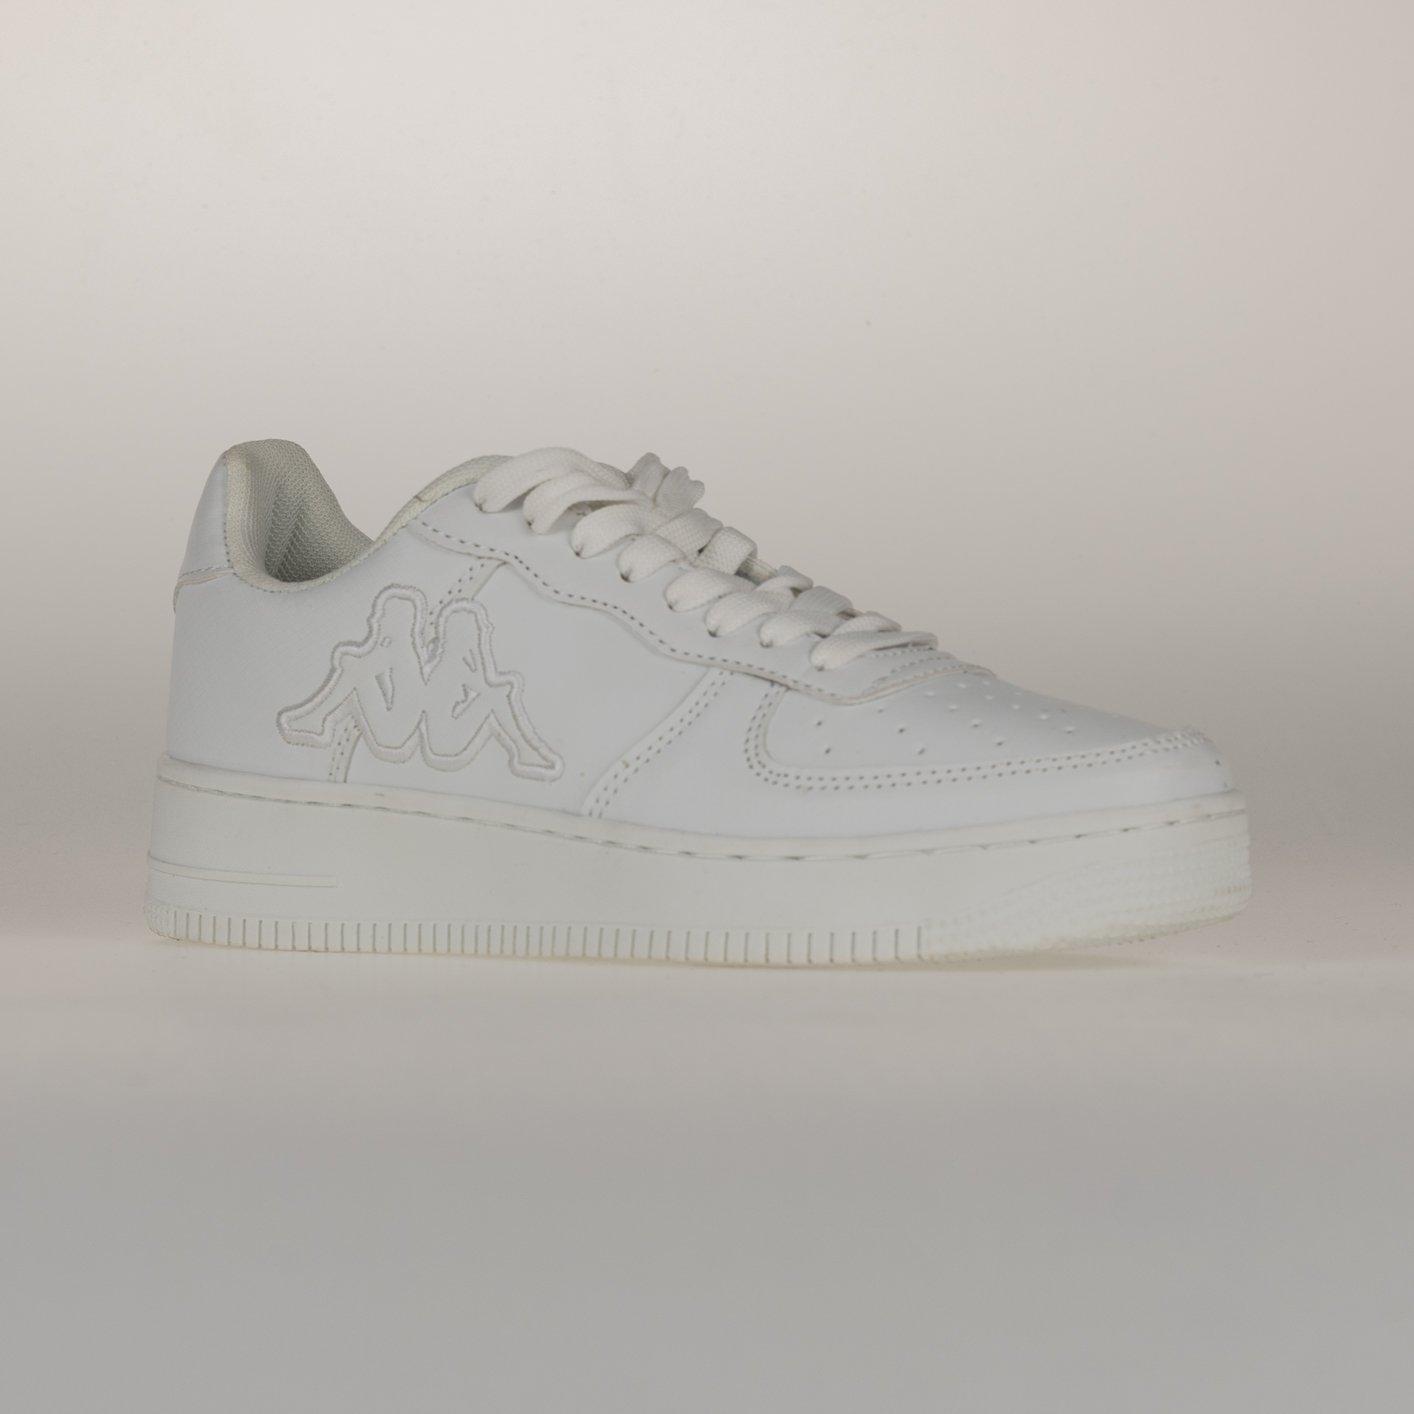 Kappa Caserta 2V Air Force Sneakers Uomo Alta Bianco (43 1 3)  Amazon.it   Scarpe e borse e59291b1179